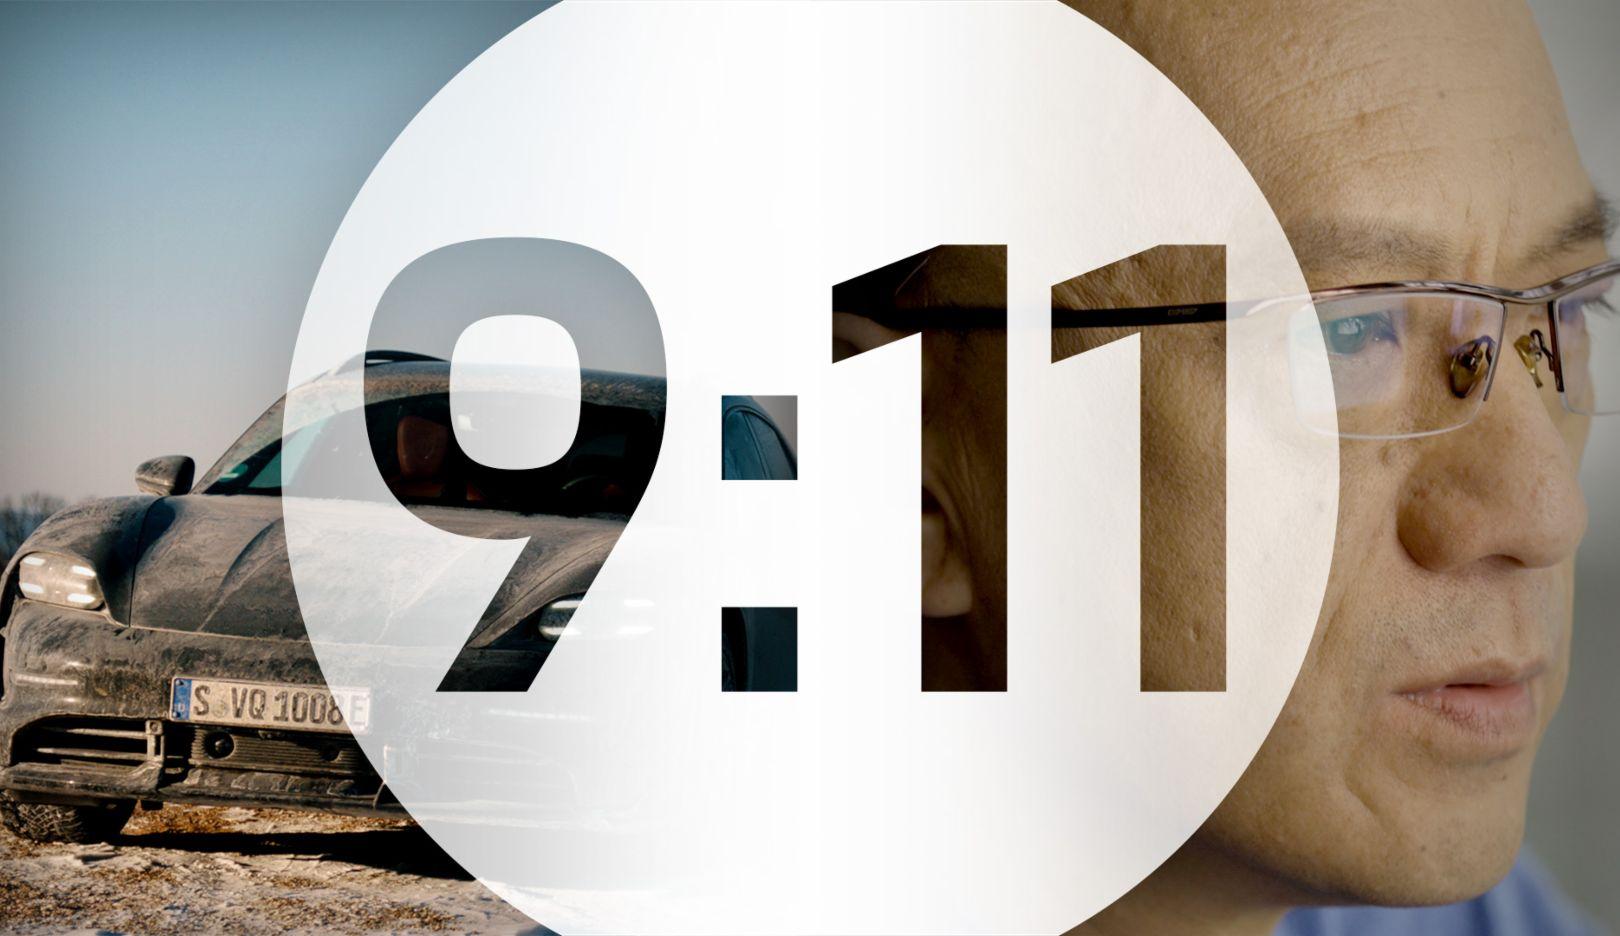 9:11 Magazine Episode 19: New Paths - Image 4